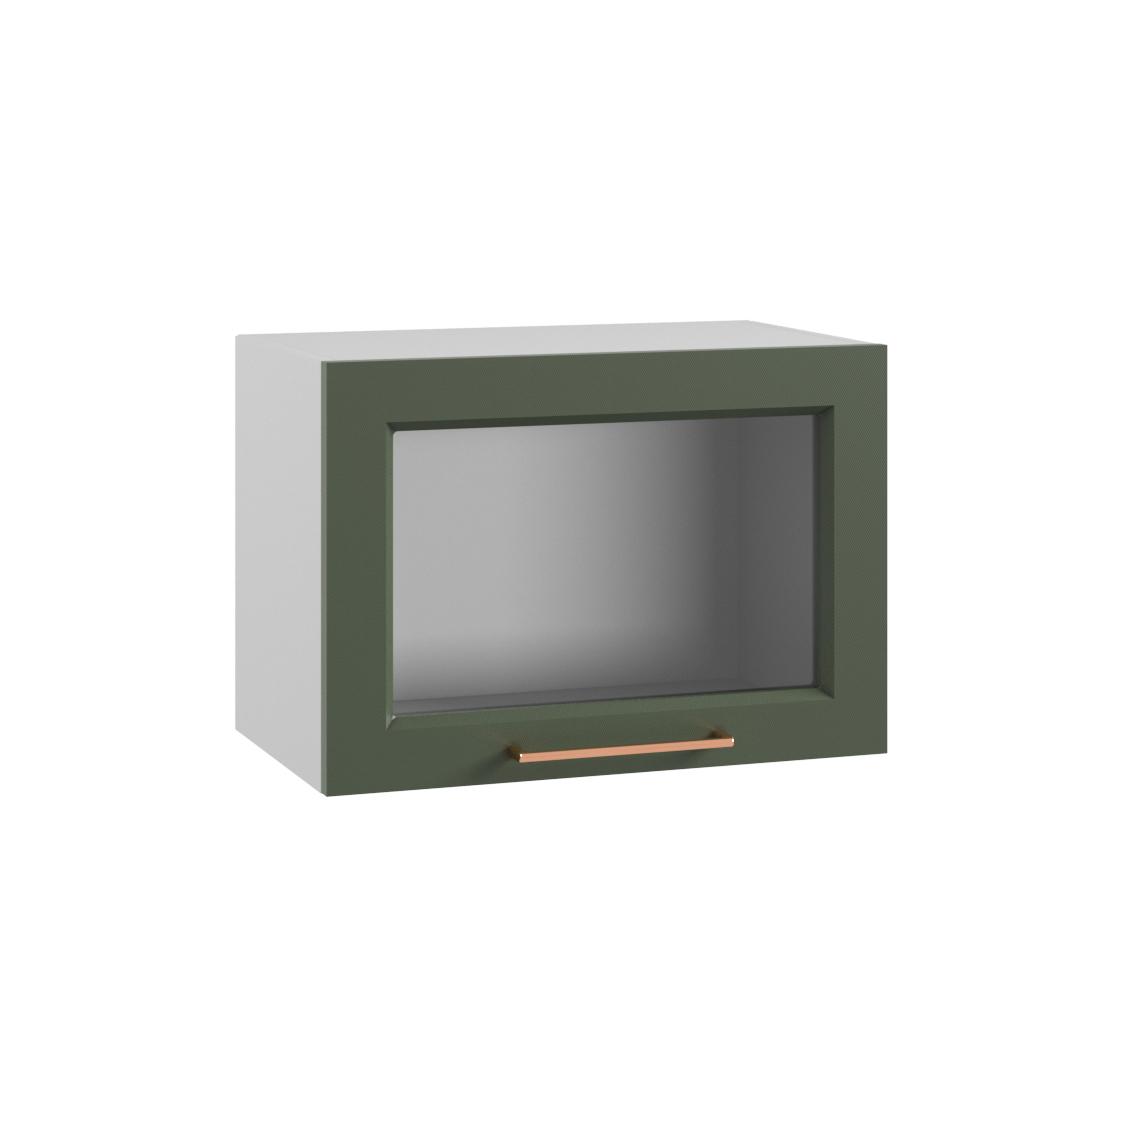 Кухня Квадро ГПГС 500 Шкаф верхний стекло глубина 574